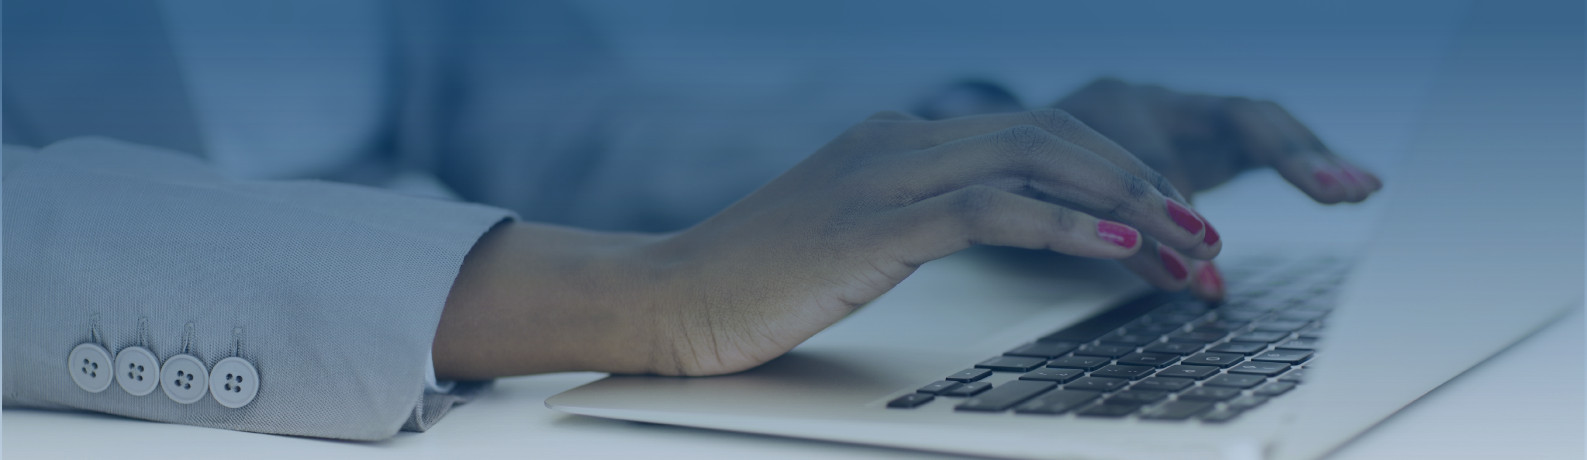 http://www.serpro.gov.br/menu/contato/cliente/perguntas-frequentes/suporte/suporte-perguntas-frequentes